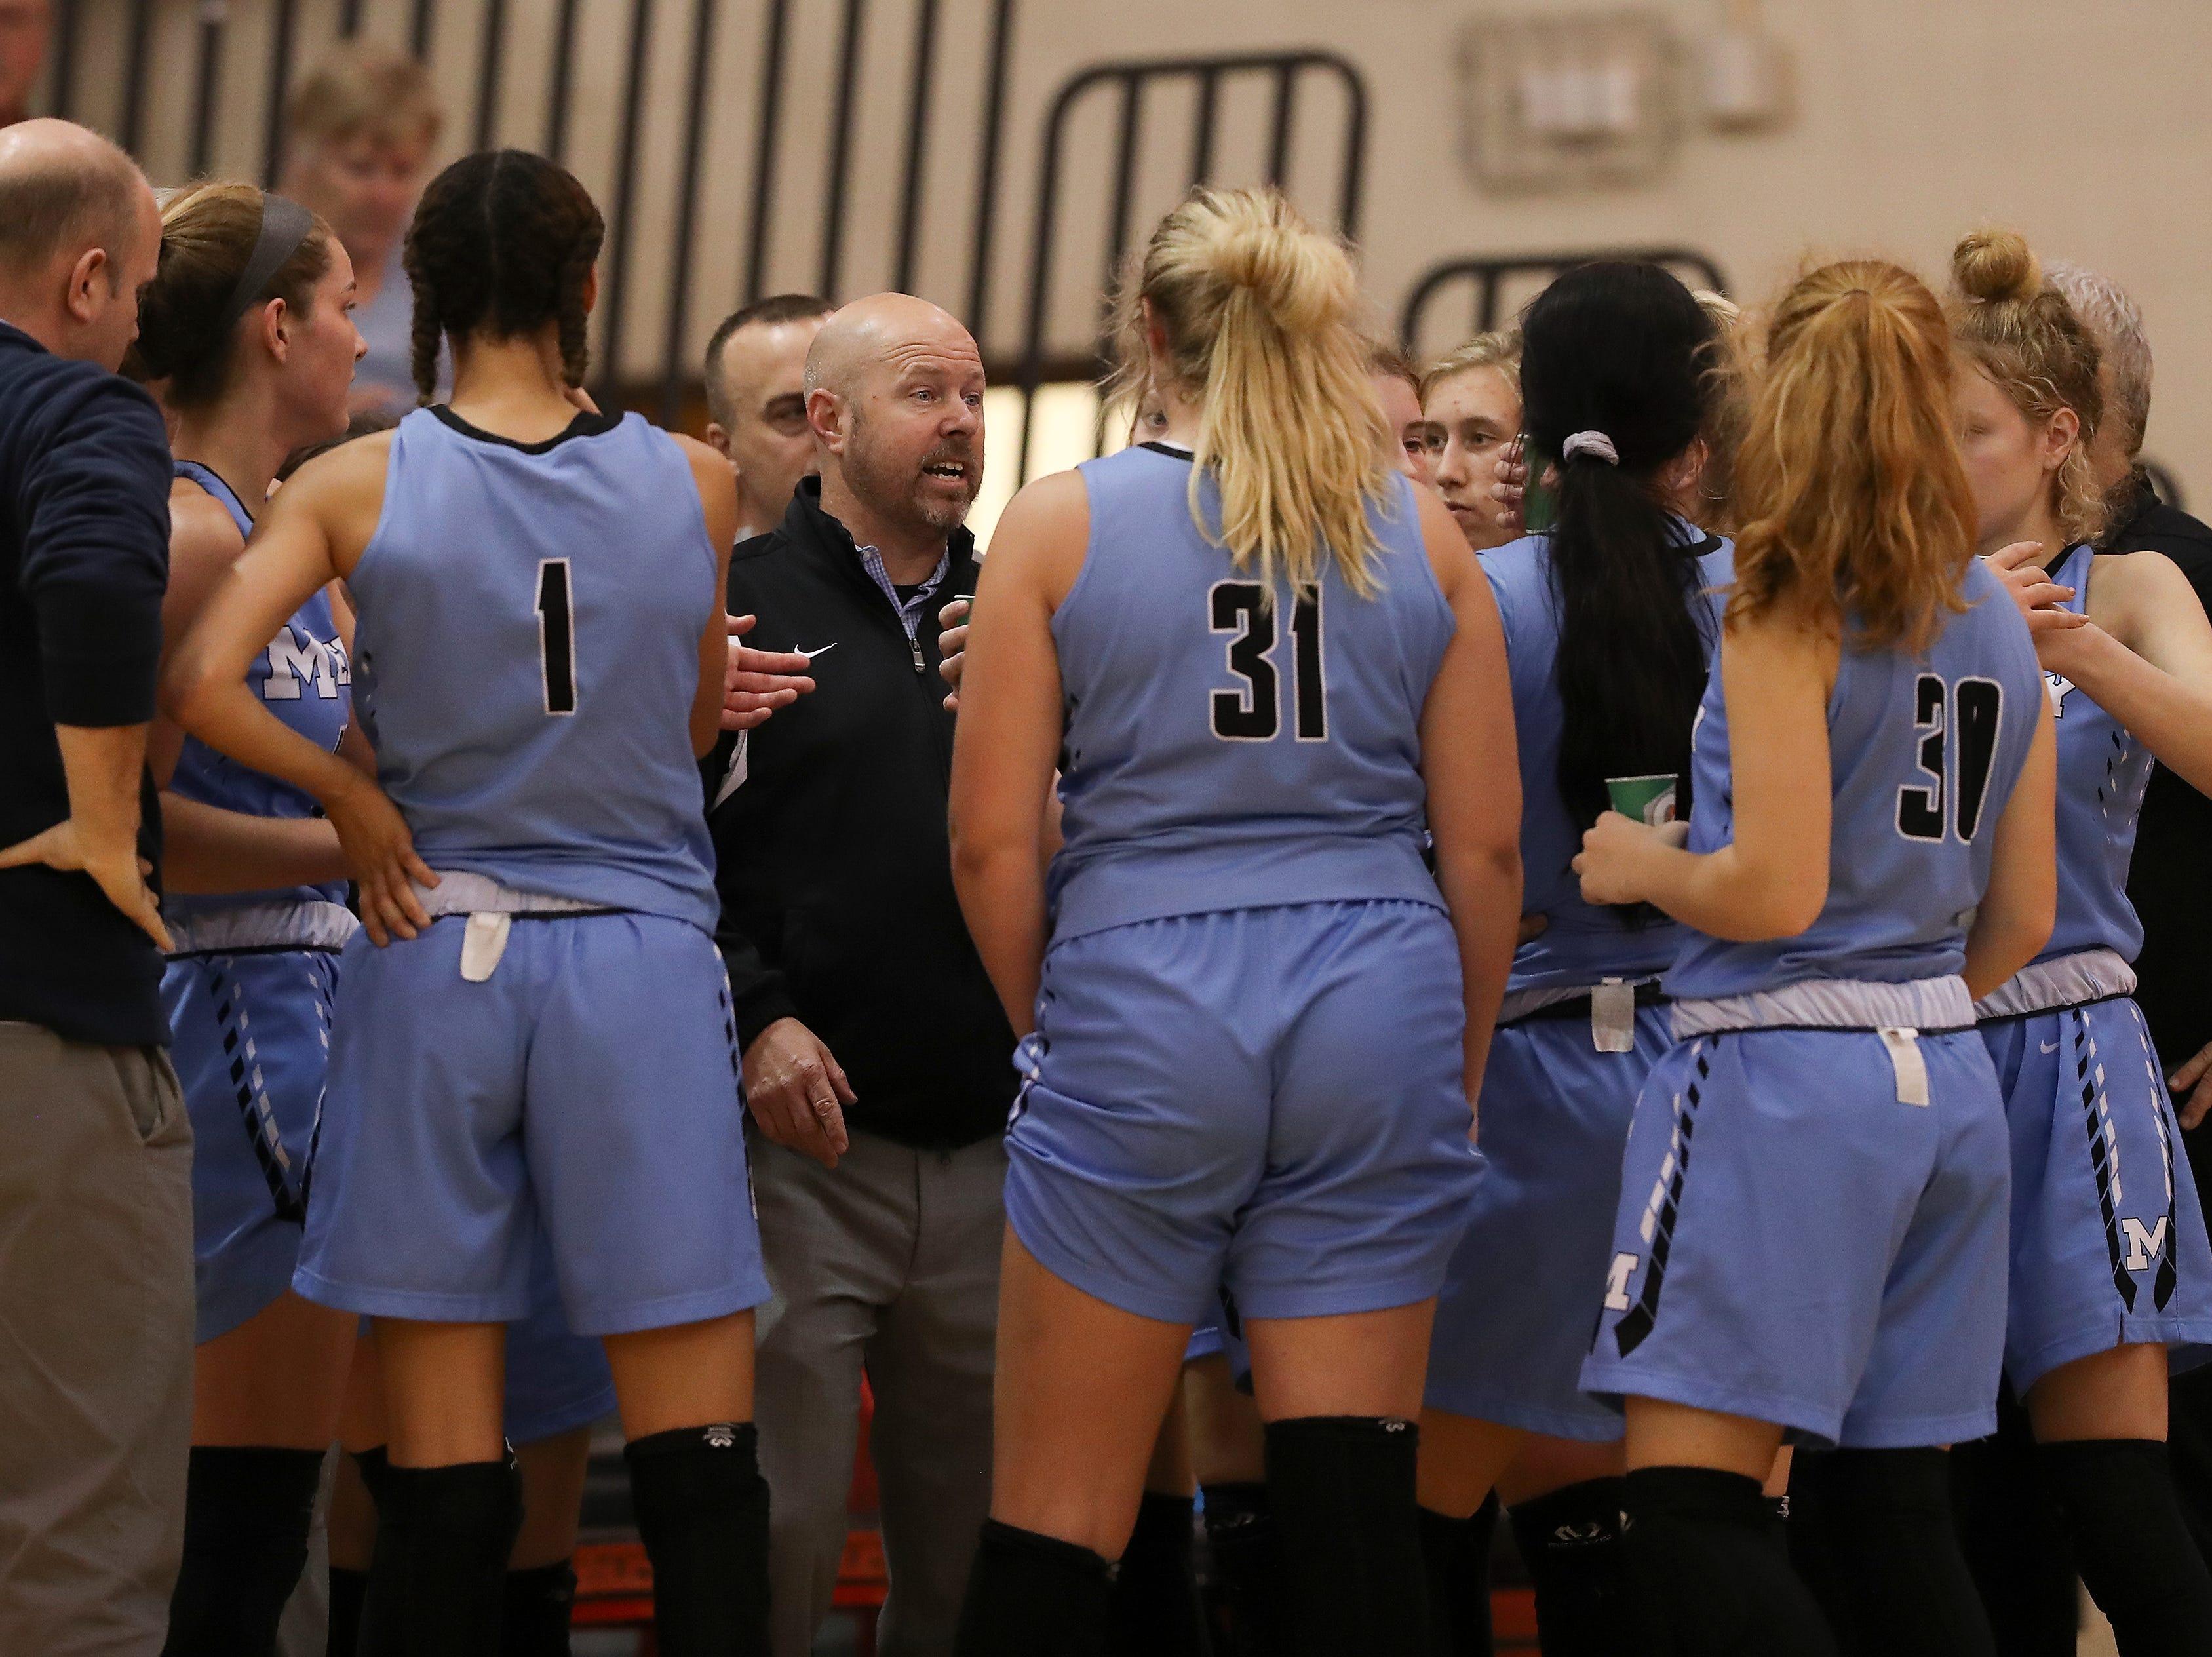 Mercy head coach Keith Baisch instructed his team against Bullitt East at the Bullitt East High School.Jan. 9, 2019